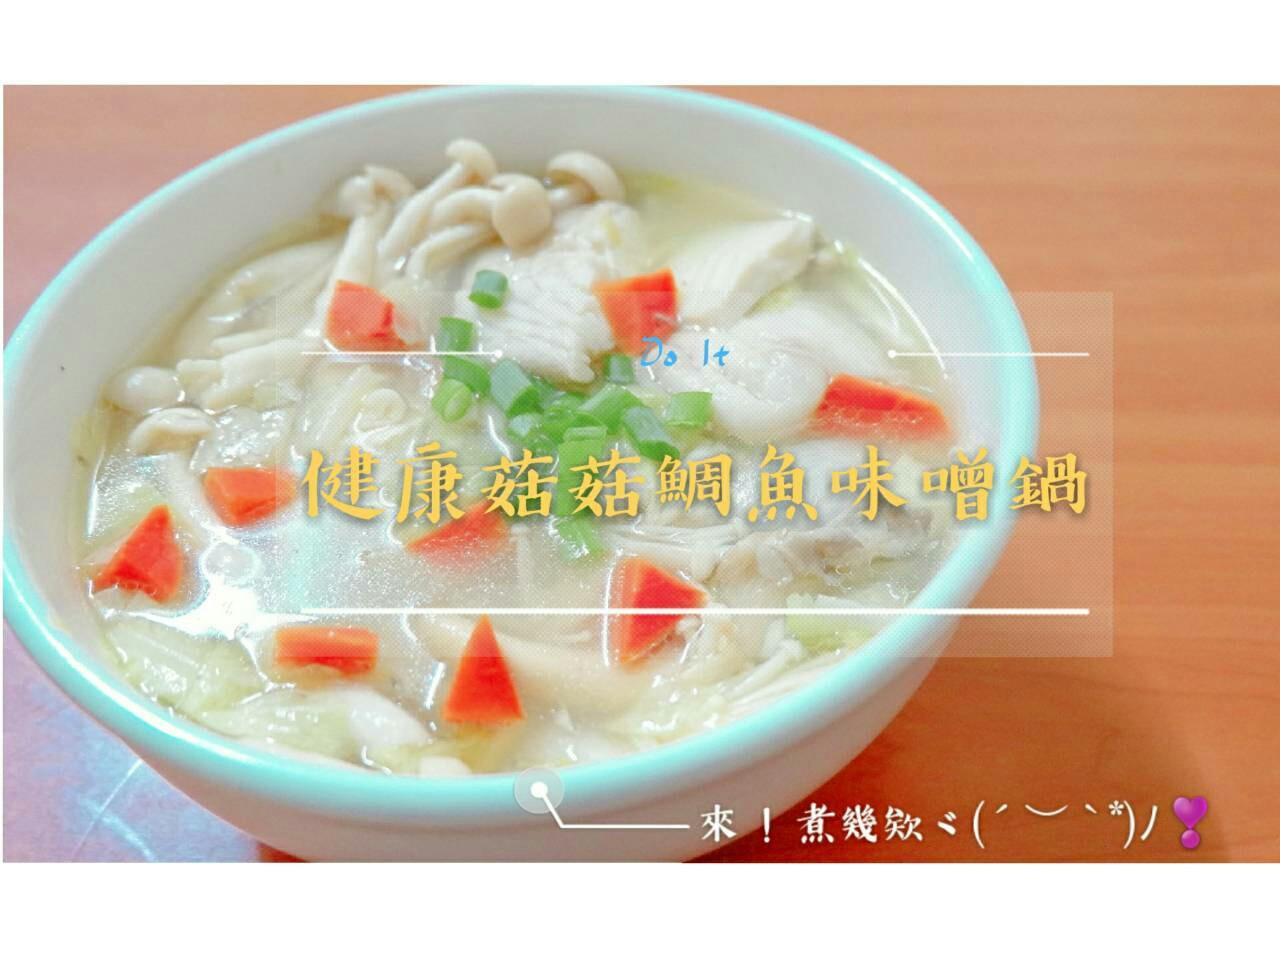 健康菇菇鯛魚味增鍋【好菇道營養料理】